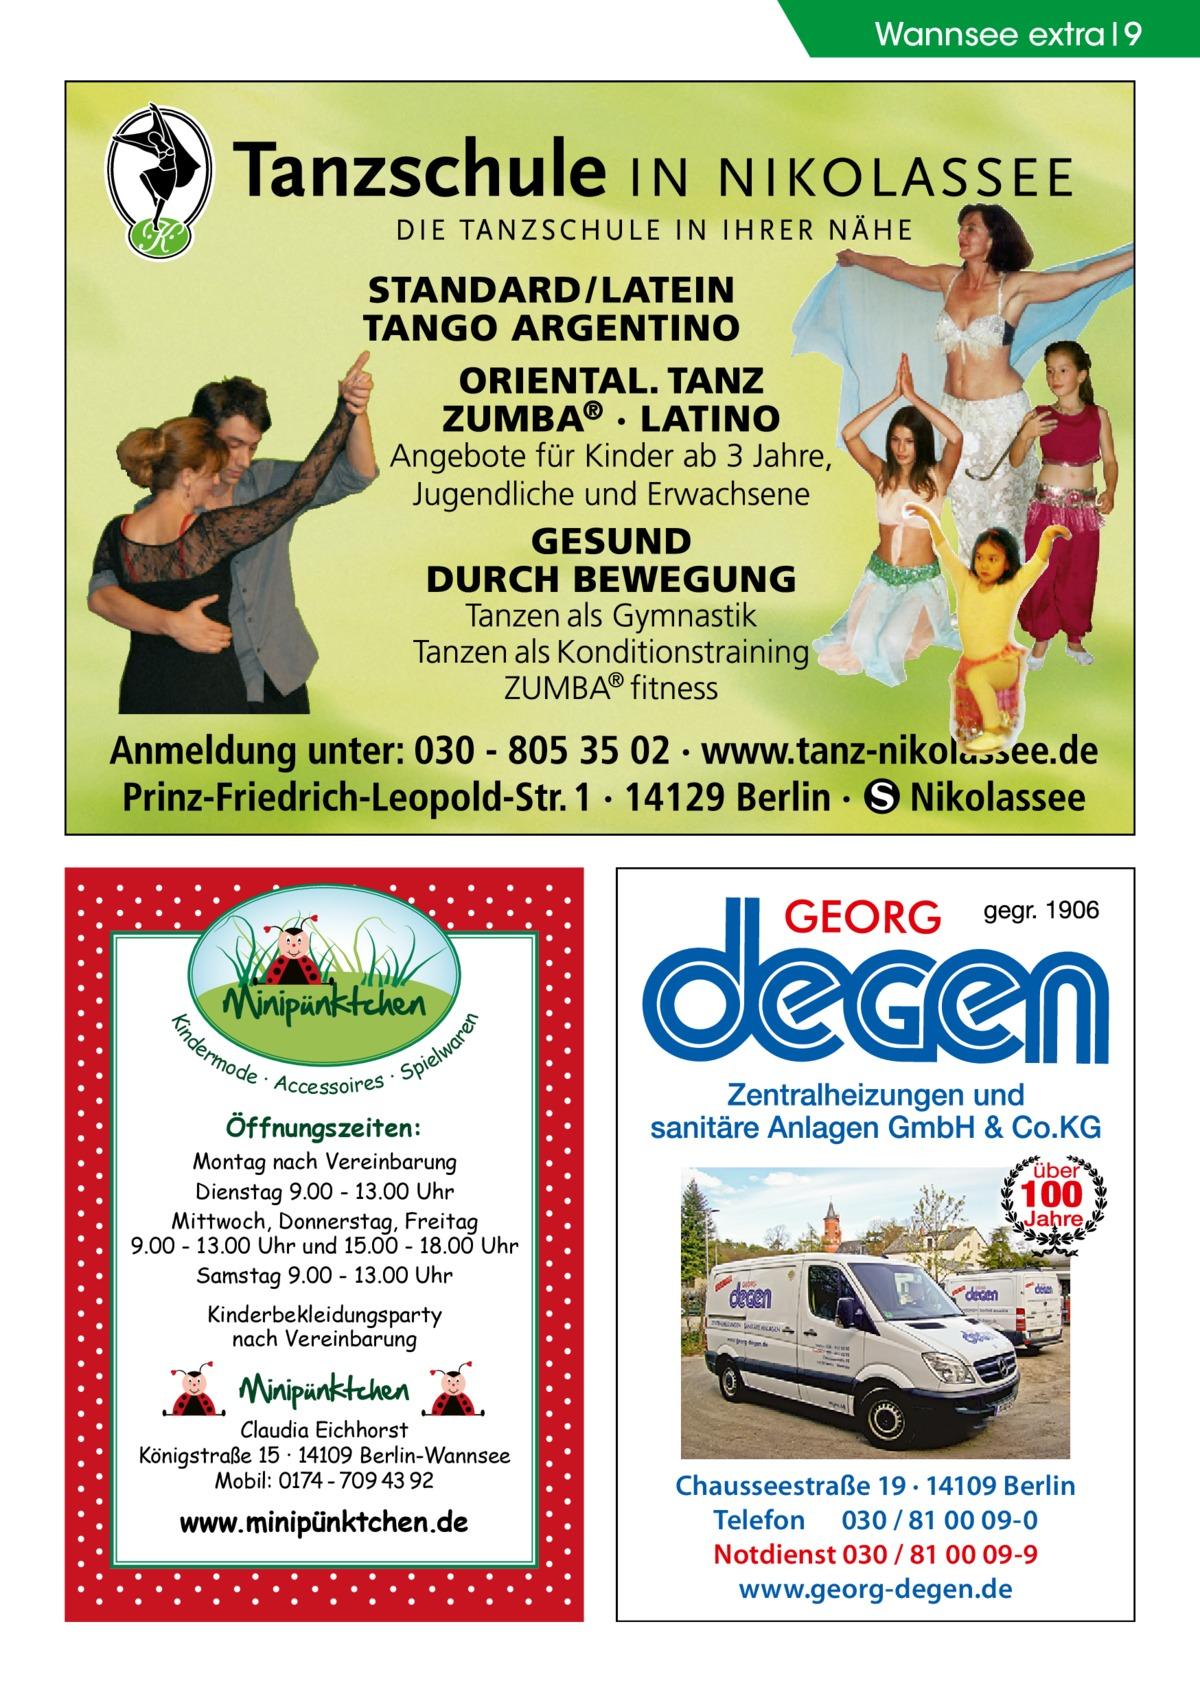 d Kin  ar en  Wannsee extra 9  er lw mo pie de · Accessoires · S  Öffnungszeiten: Montag nach Vereinbarung Dienstag 9.00 - 13.00 Uhr Mittwoch, Donnerstag, Freitag 9.00 - 13.00 Uhr und 15.00 - 18.00 Uhr Samstag 9.00 - 13.00 Uhr Kinderbekleidungsparty nach Vereinbarung  Claudia Eichhorst Königstraße 15 · 14109 Berlin-Wannsee Mobil: 0174 - 709 43 92  www.minipünktchen.de  Chausseestraße 19 · 14109 Berlin Telefon 030 / 81 00 09-0 Notdienst 030 / 81 00 09-9 www.georg-degen.de